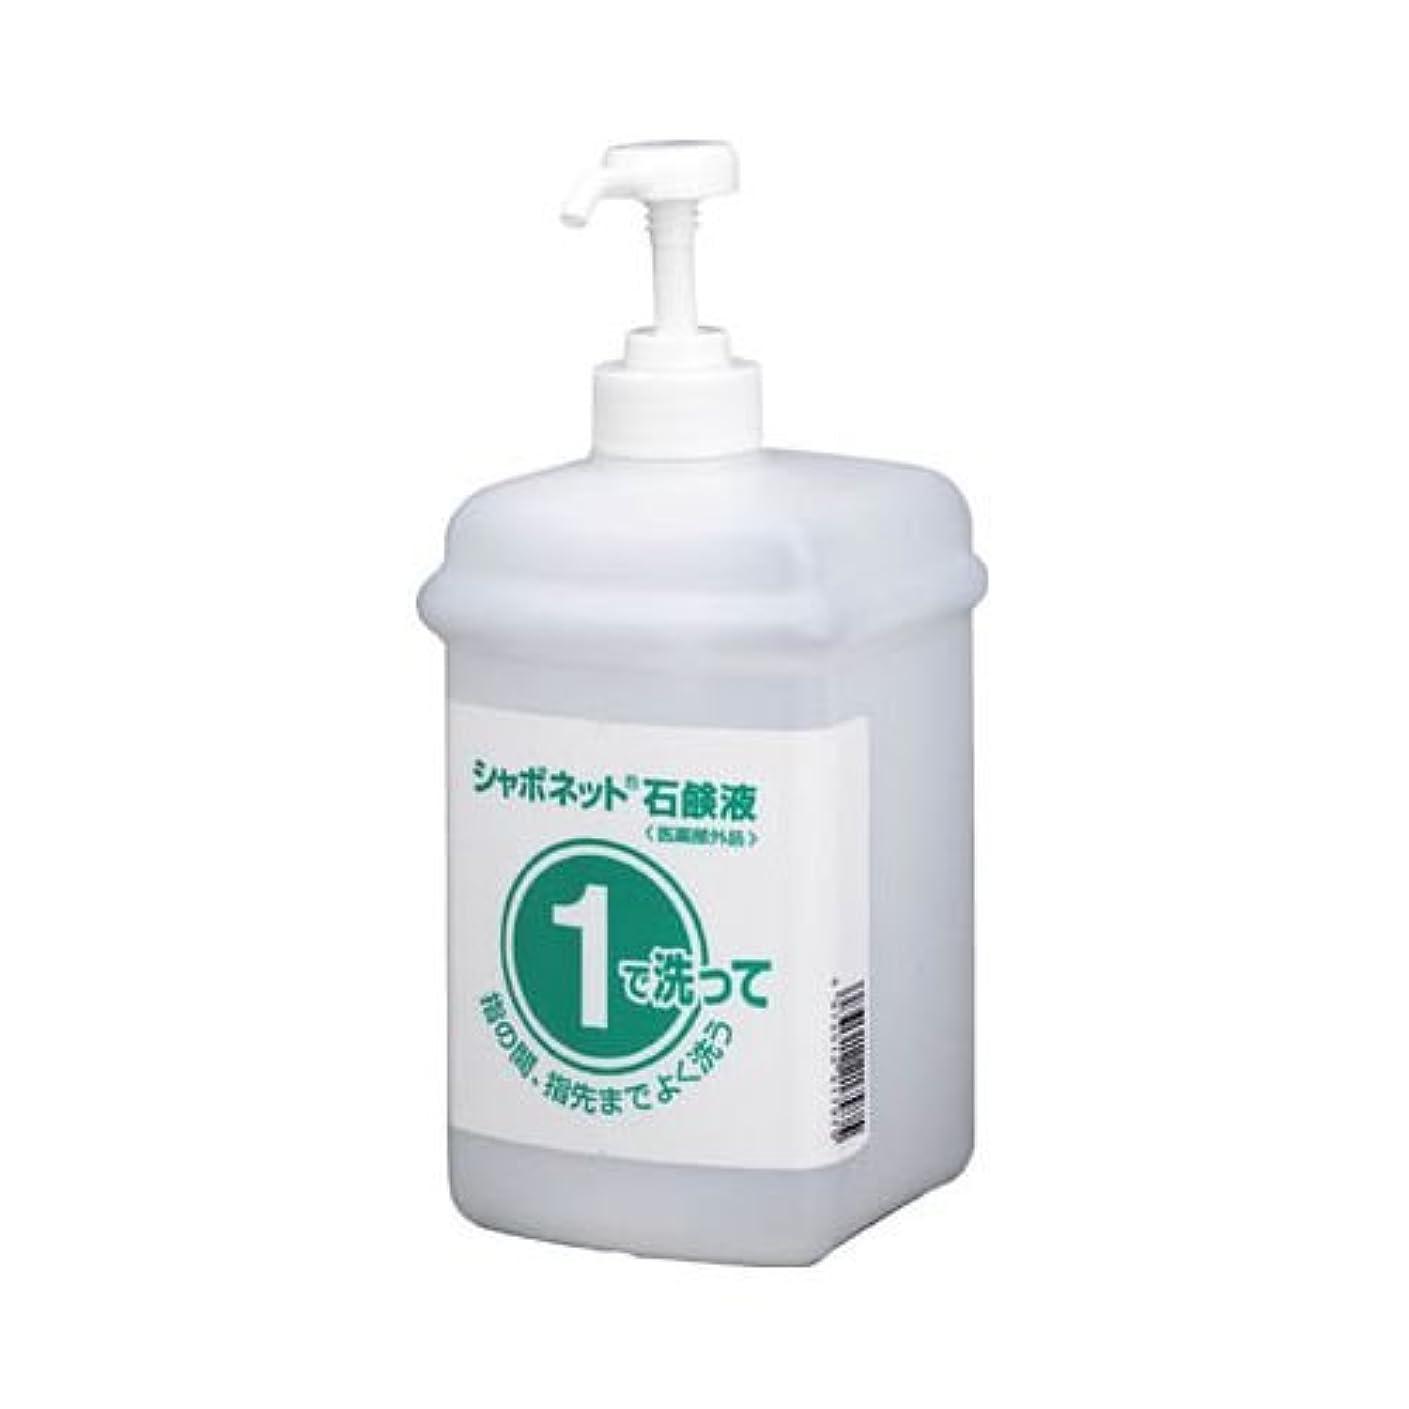 祈り不条理羽サラヤ 石鹸容器 1?2セットボトル 石鹸液用1L 21793